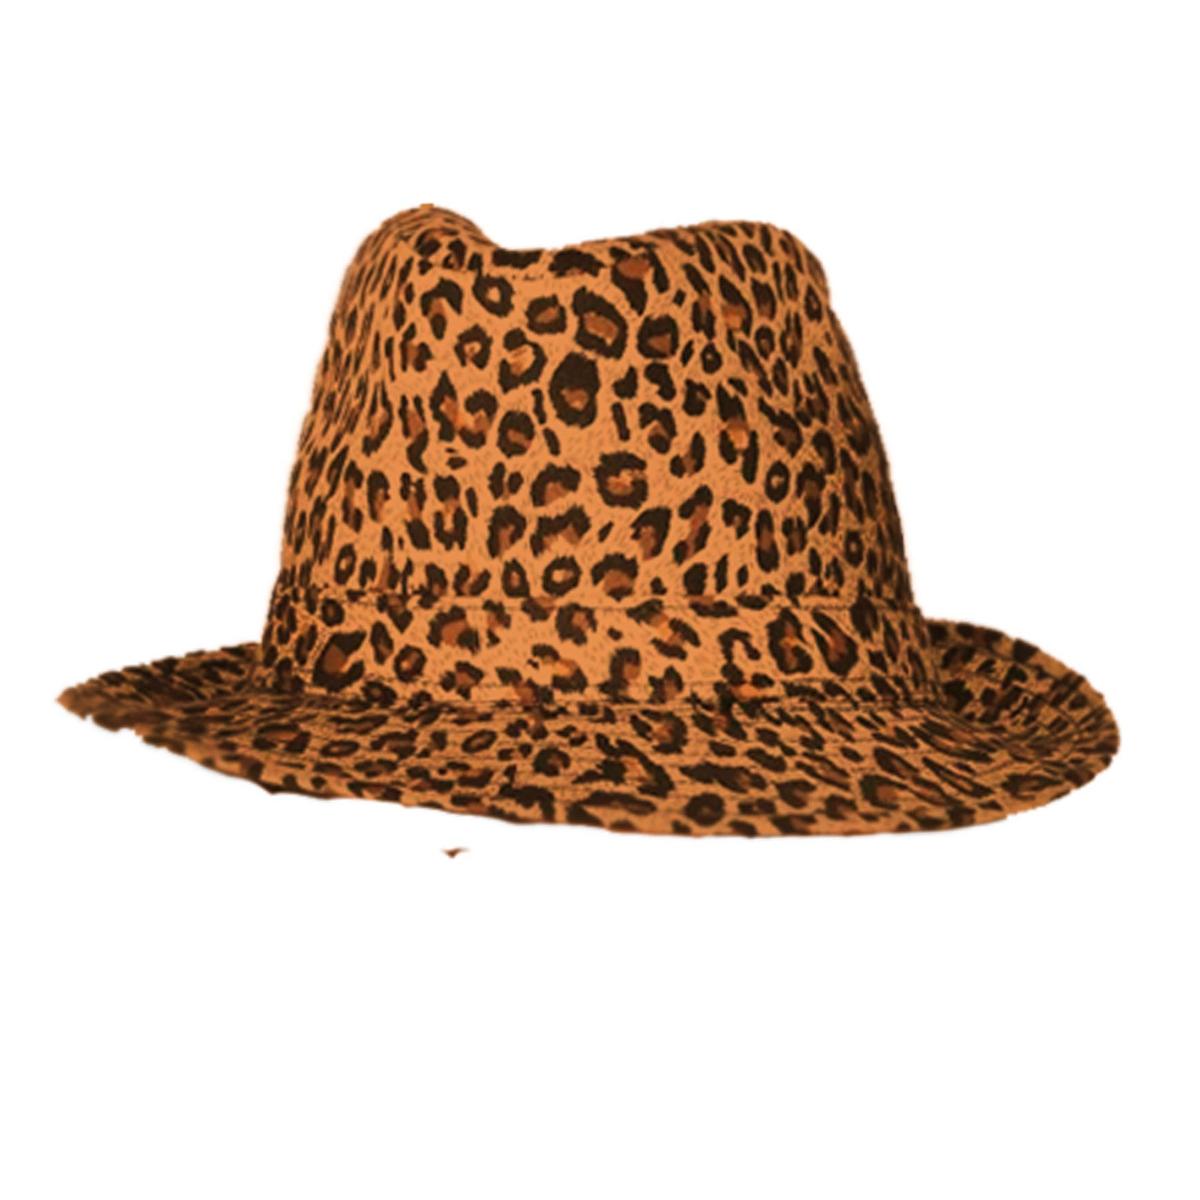 Borsalino \'Leopard\' marron - taille unique - [M0877]